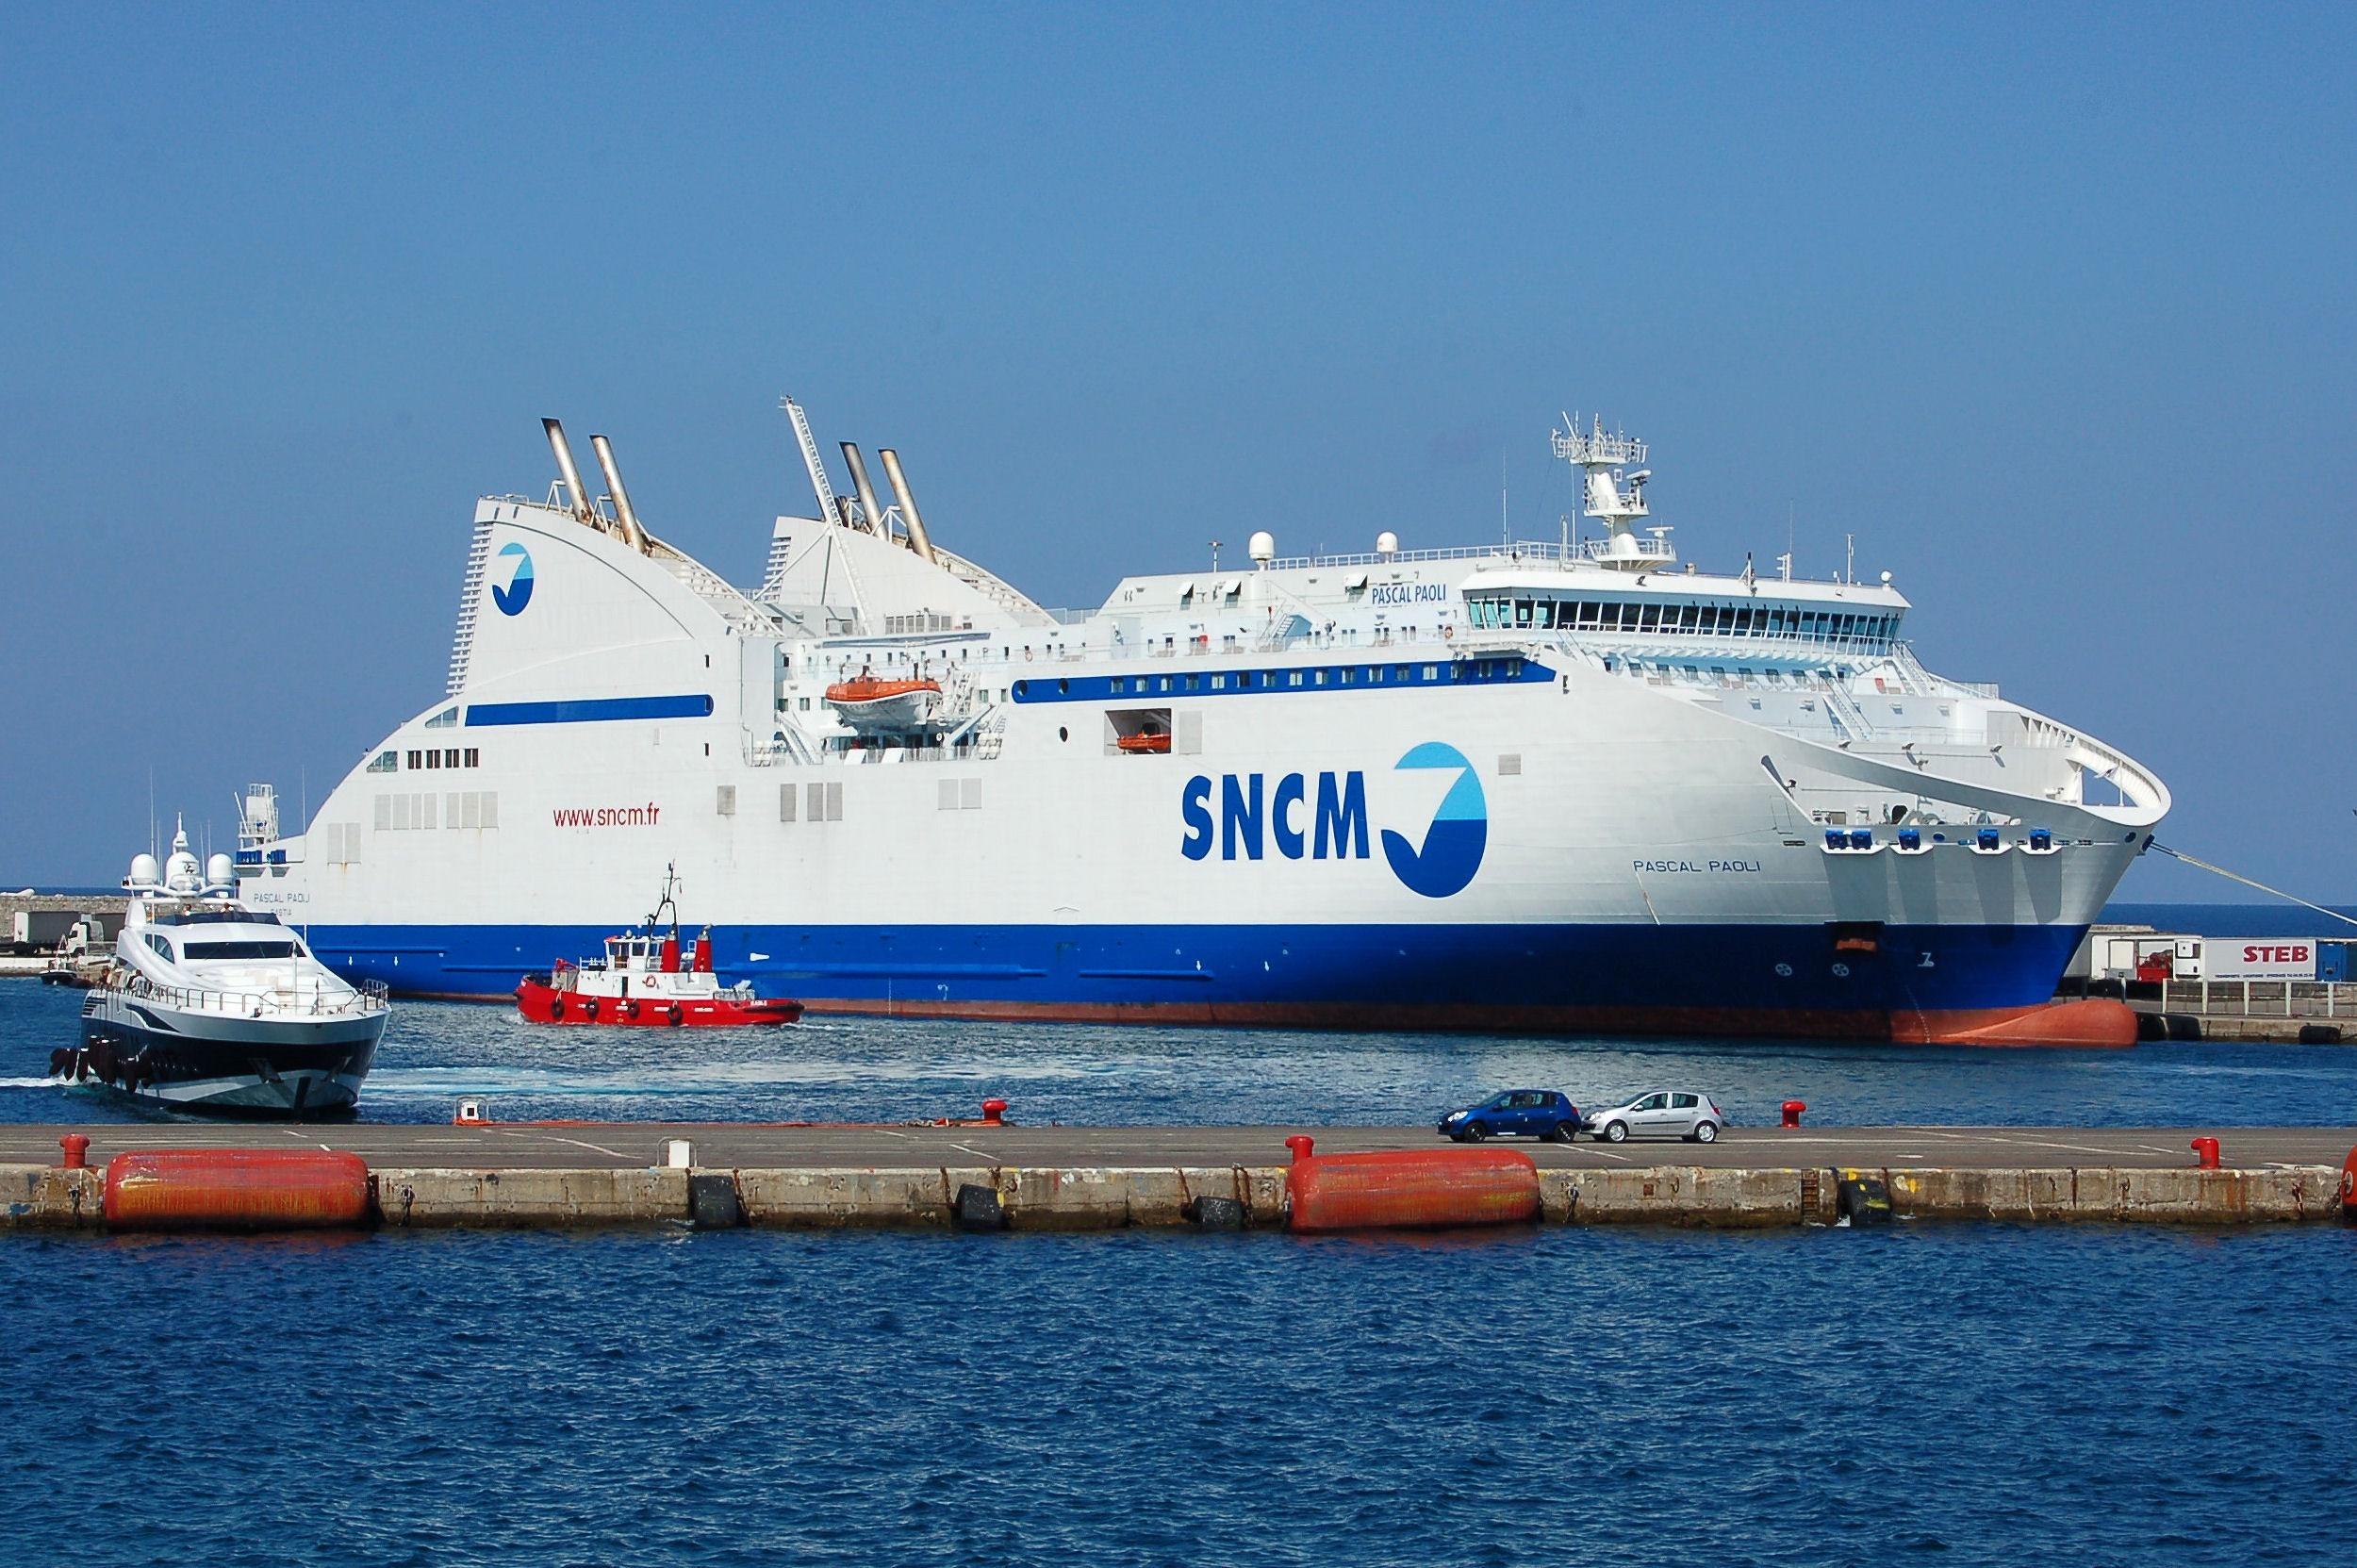 Soci t nationale maritime corse m diterran e - Marseille bastia bateau ...